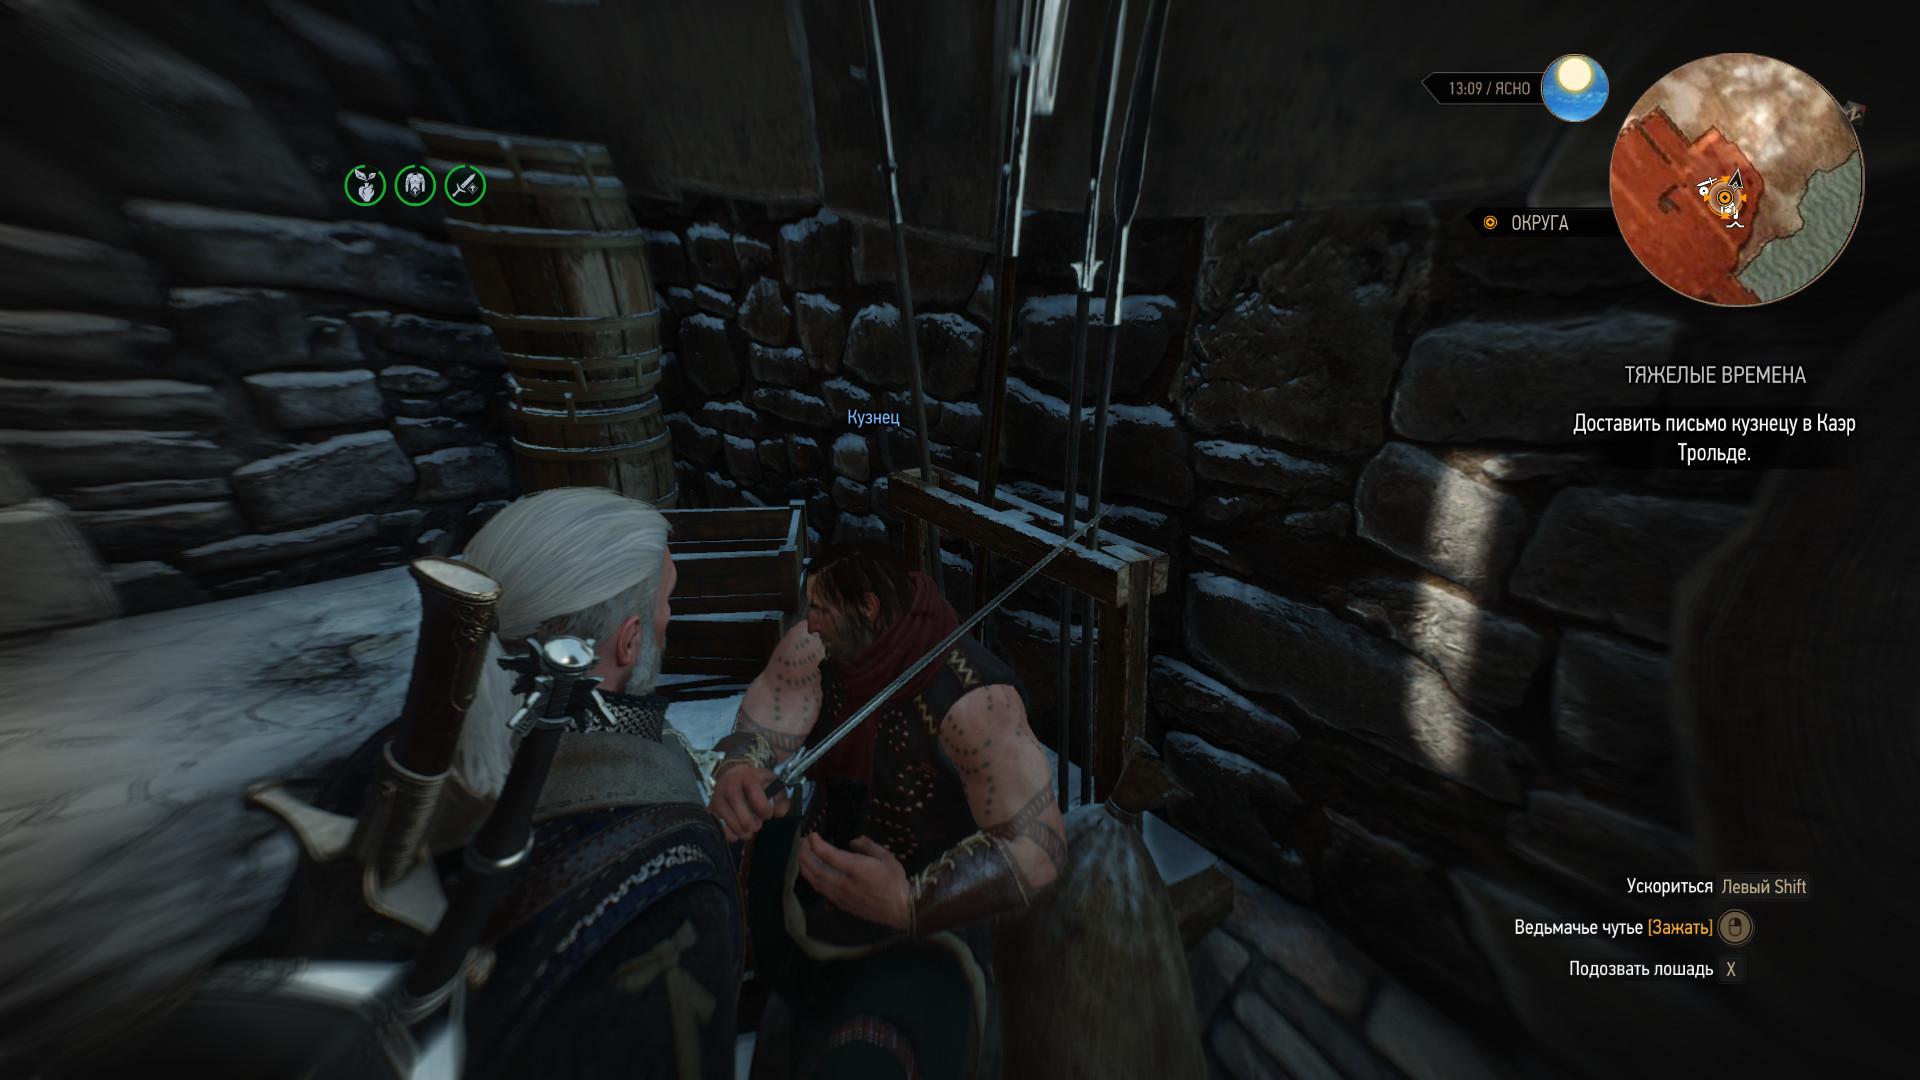 глюк в квесте 1 - Witcher 3: Wild Hunt, the